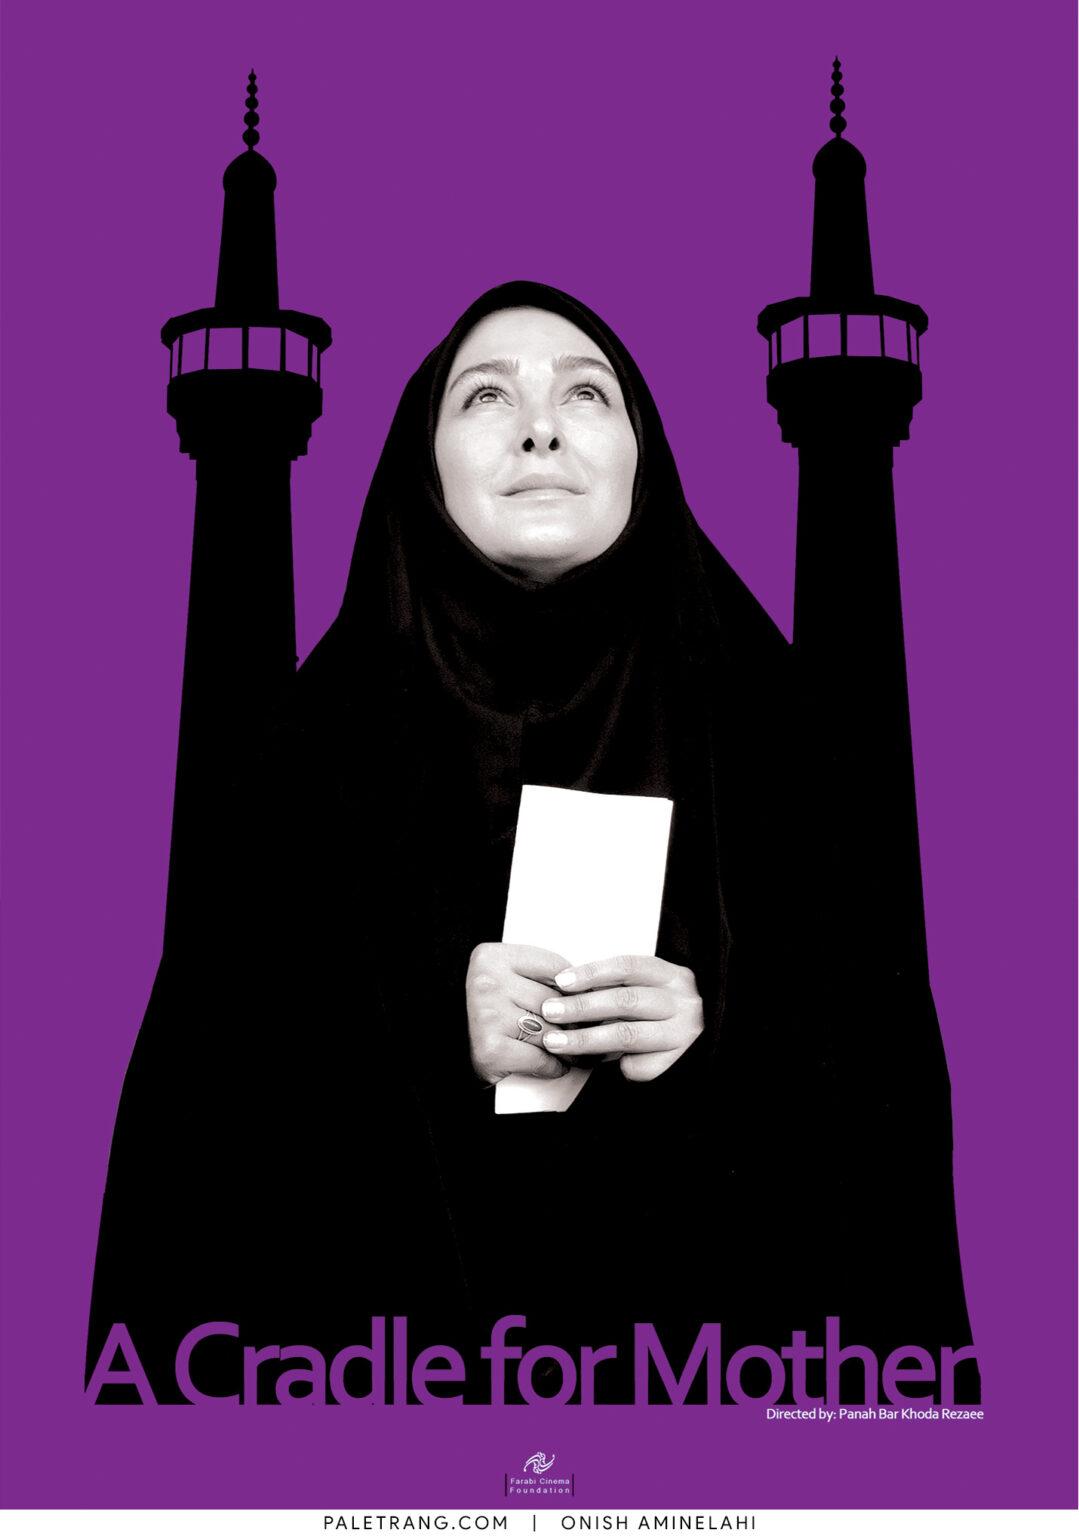 پوستر فیلم سینمایی گهواره ای برای مادر اثر اونیش امین الهی